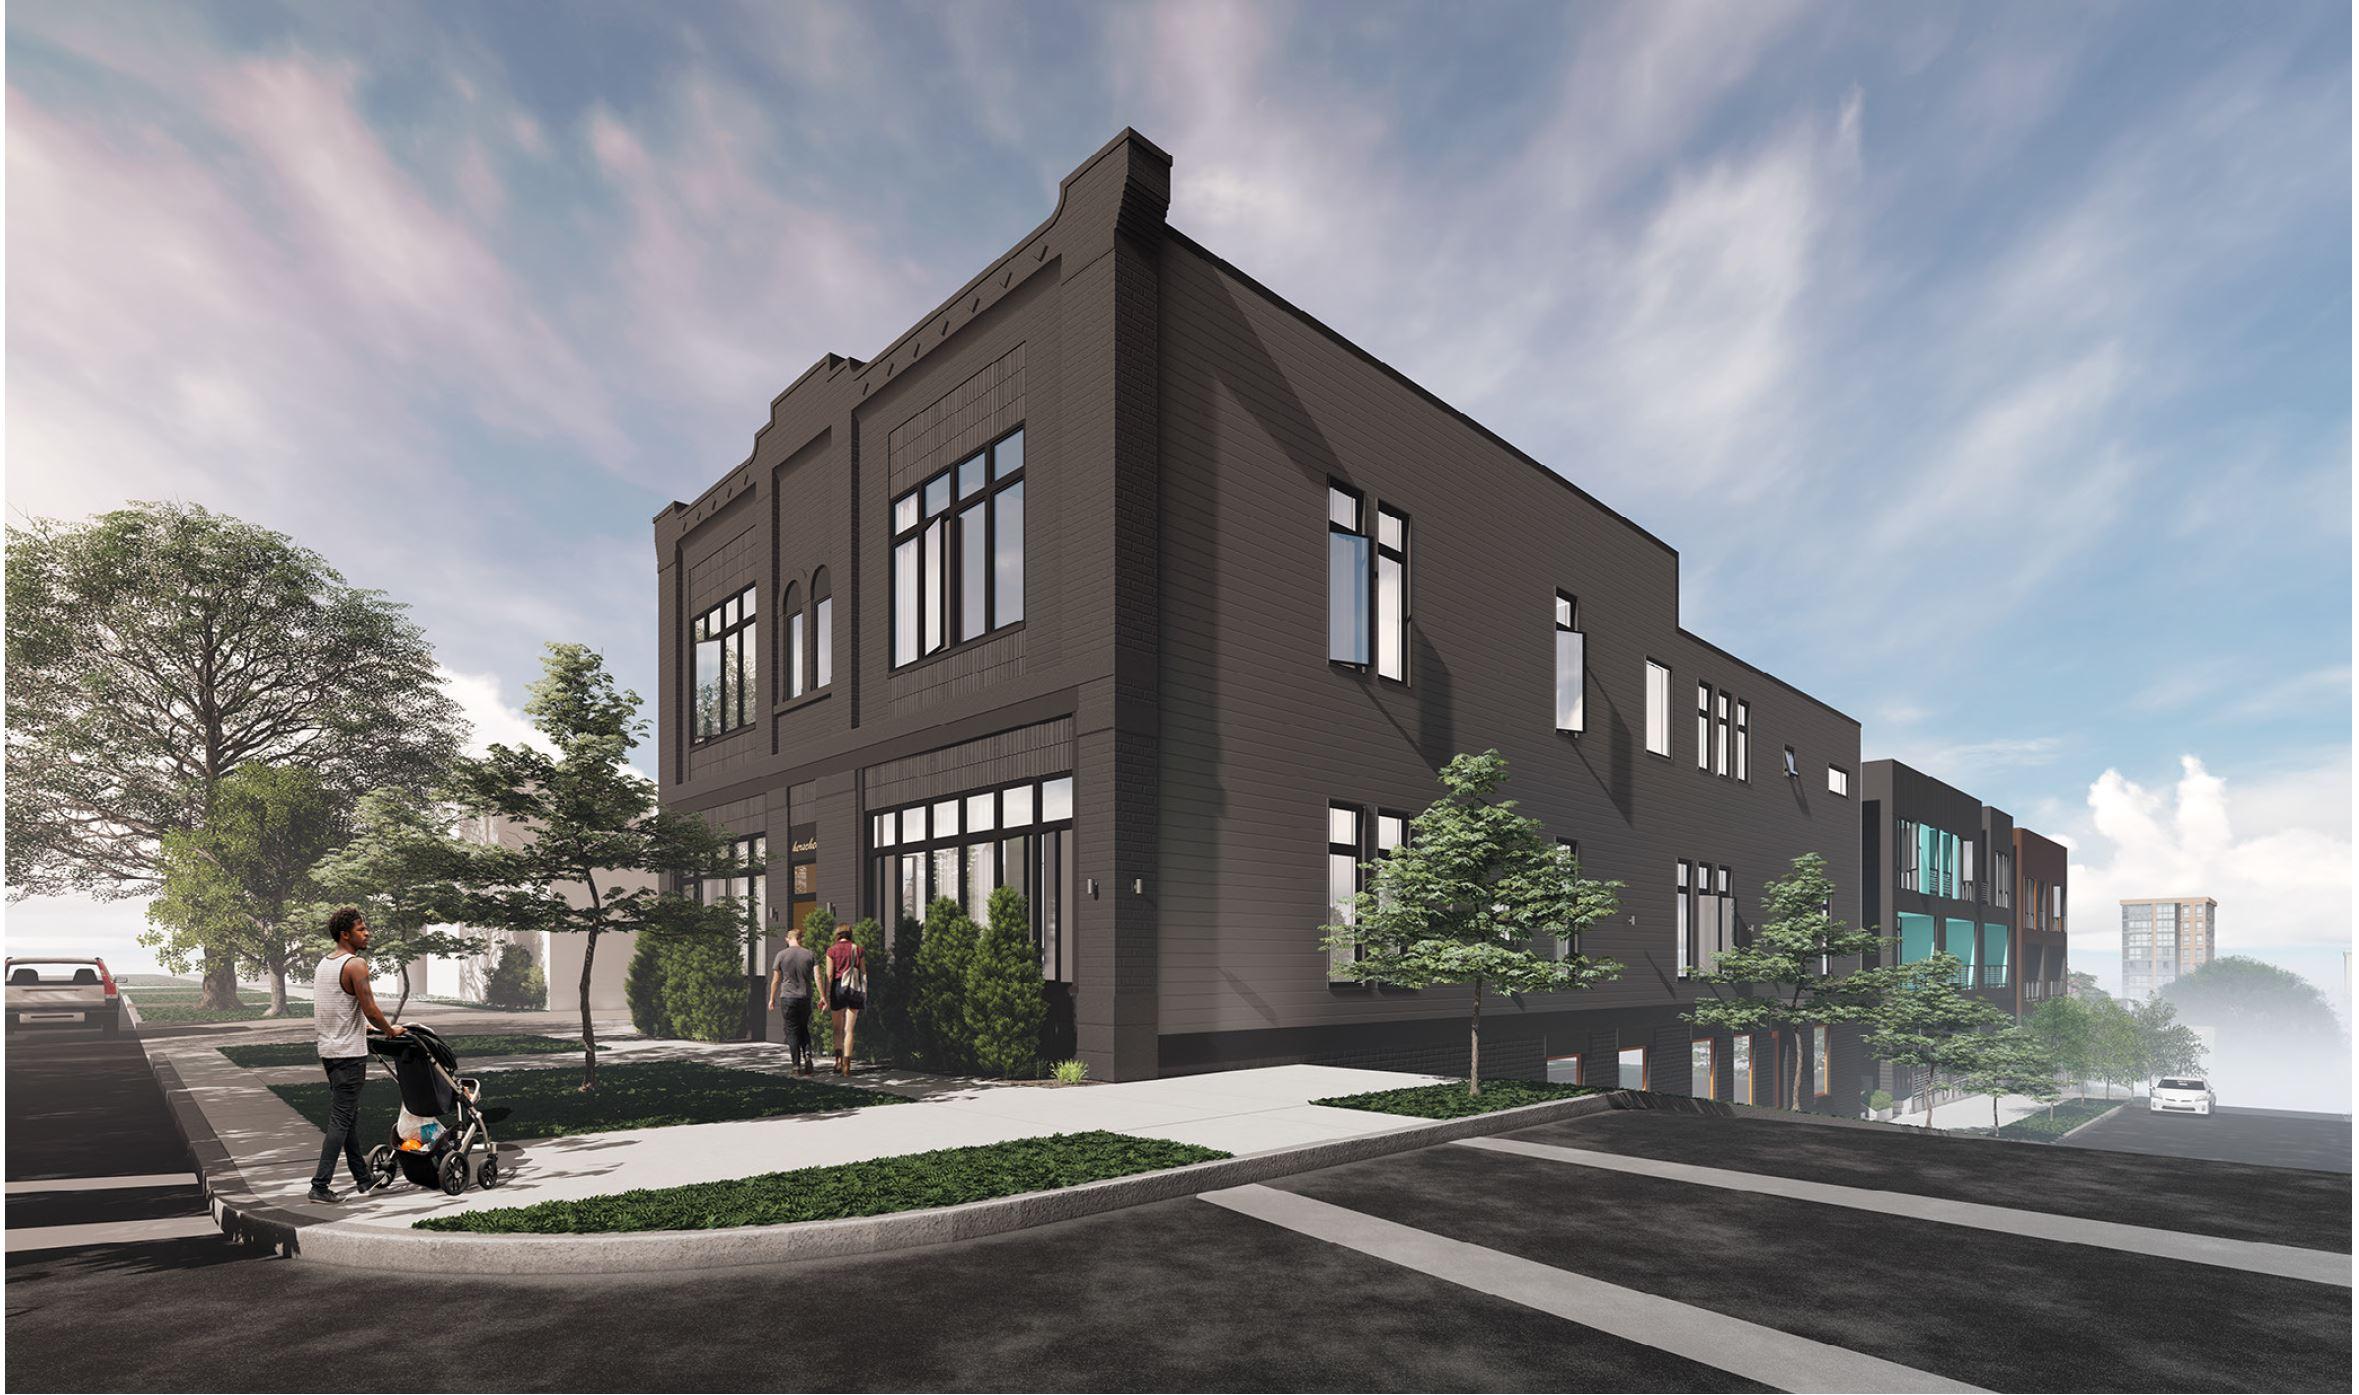 Unit 203 | $349,900    2 bed 2 bath 1140 sq. ft. $349,900 basement storage + parking space + balcony